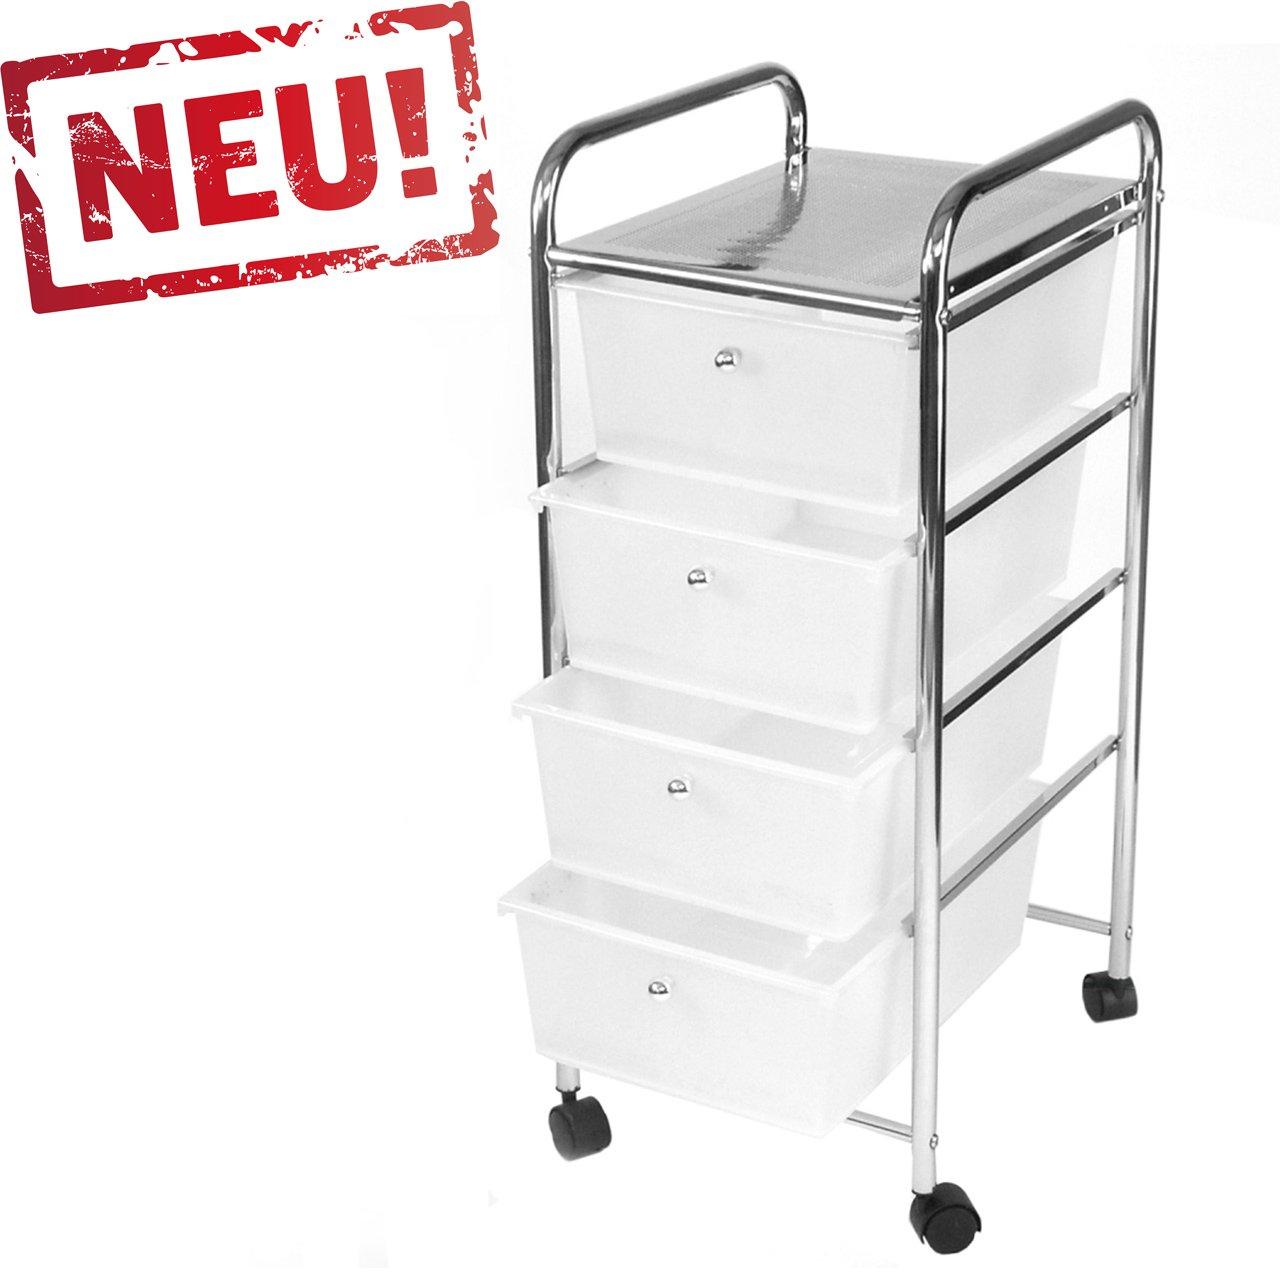 Rollbares Badregal Küchenregal Badtrolley Rollwagen Schubladenwagen ...